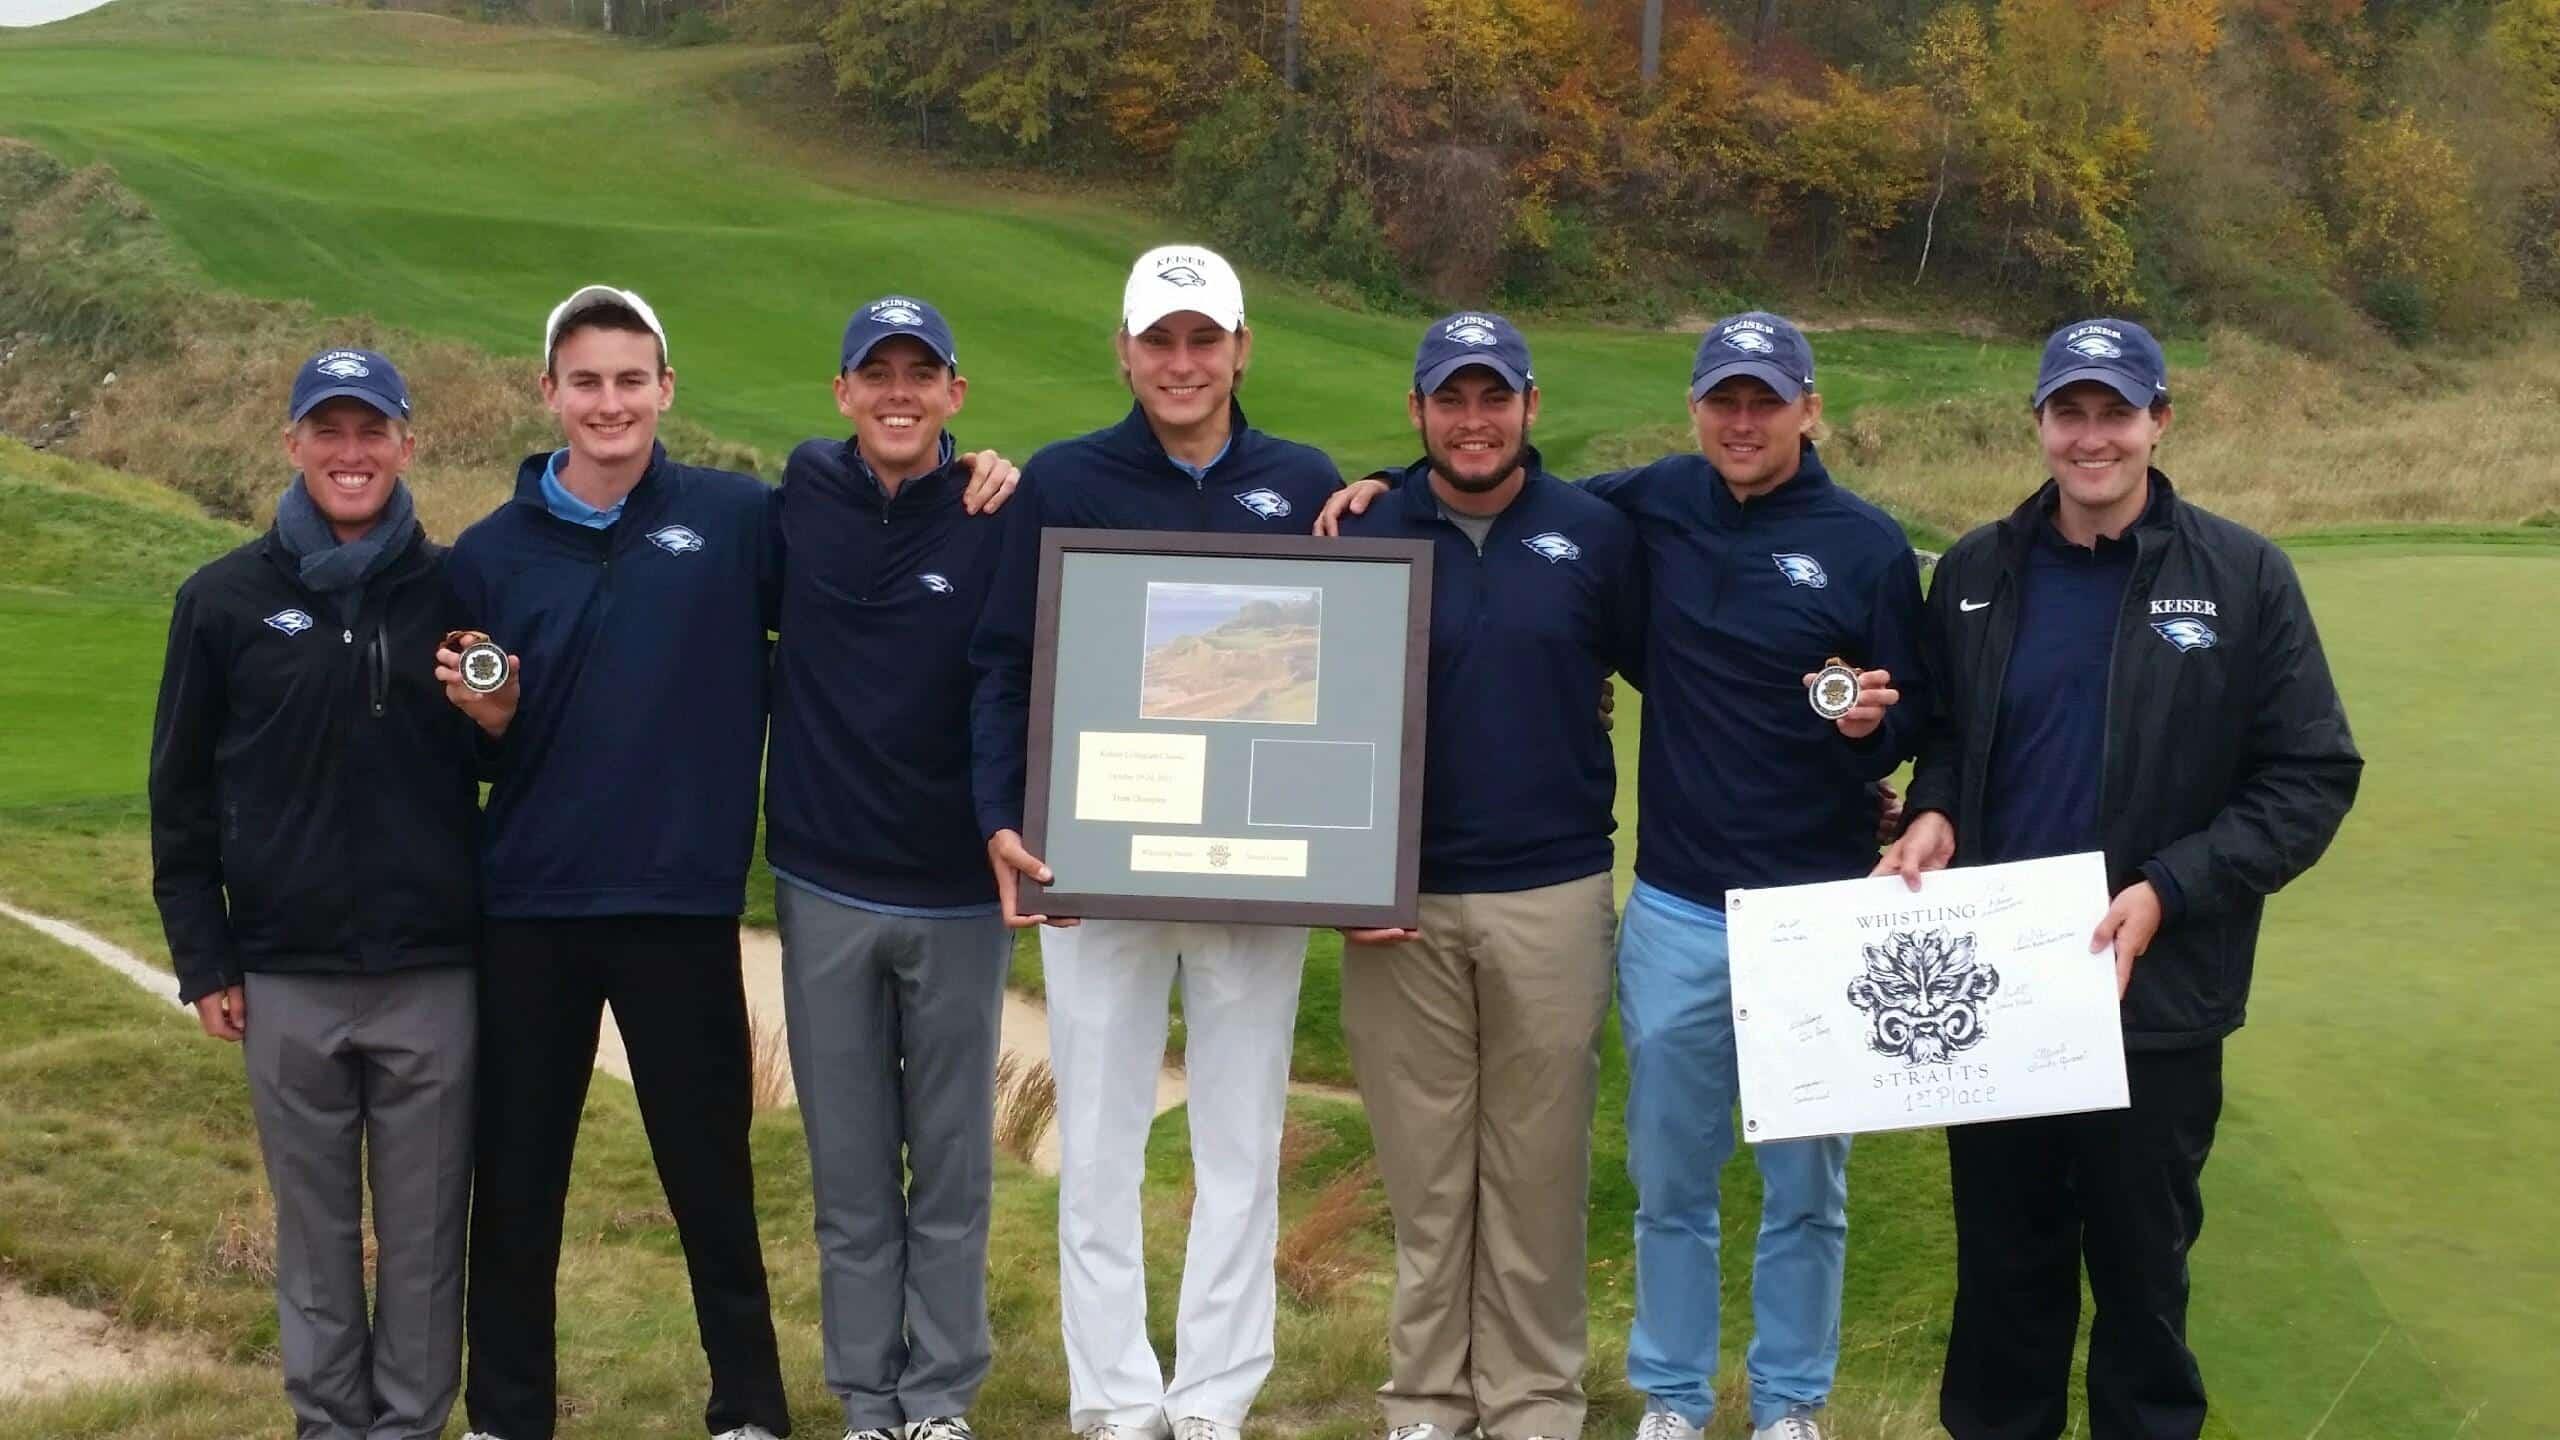 #12 Seahawks Men's Golf Team Wins the Kohler Classic